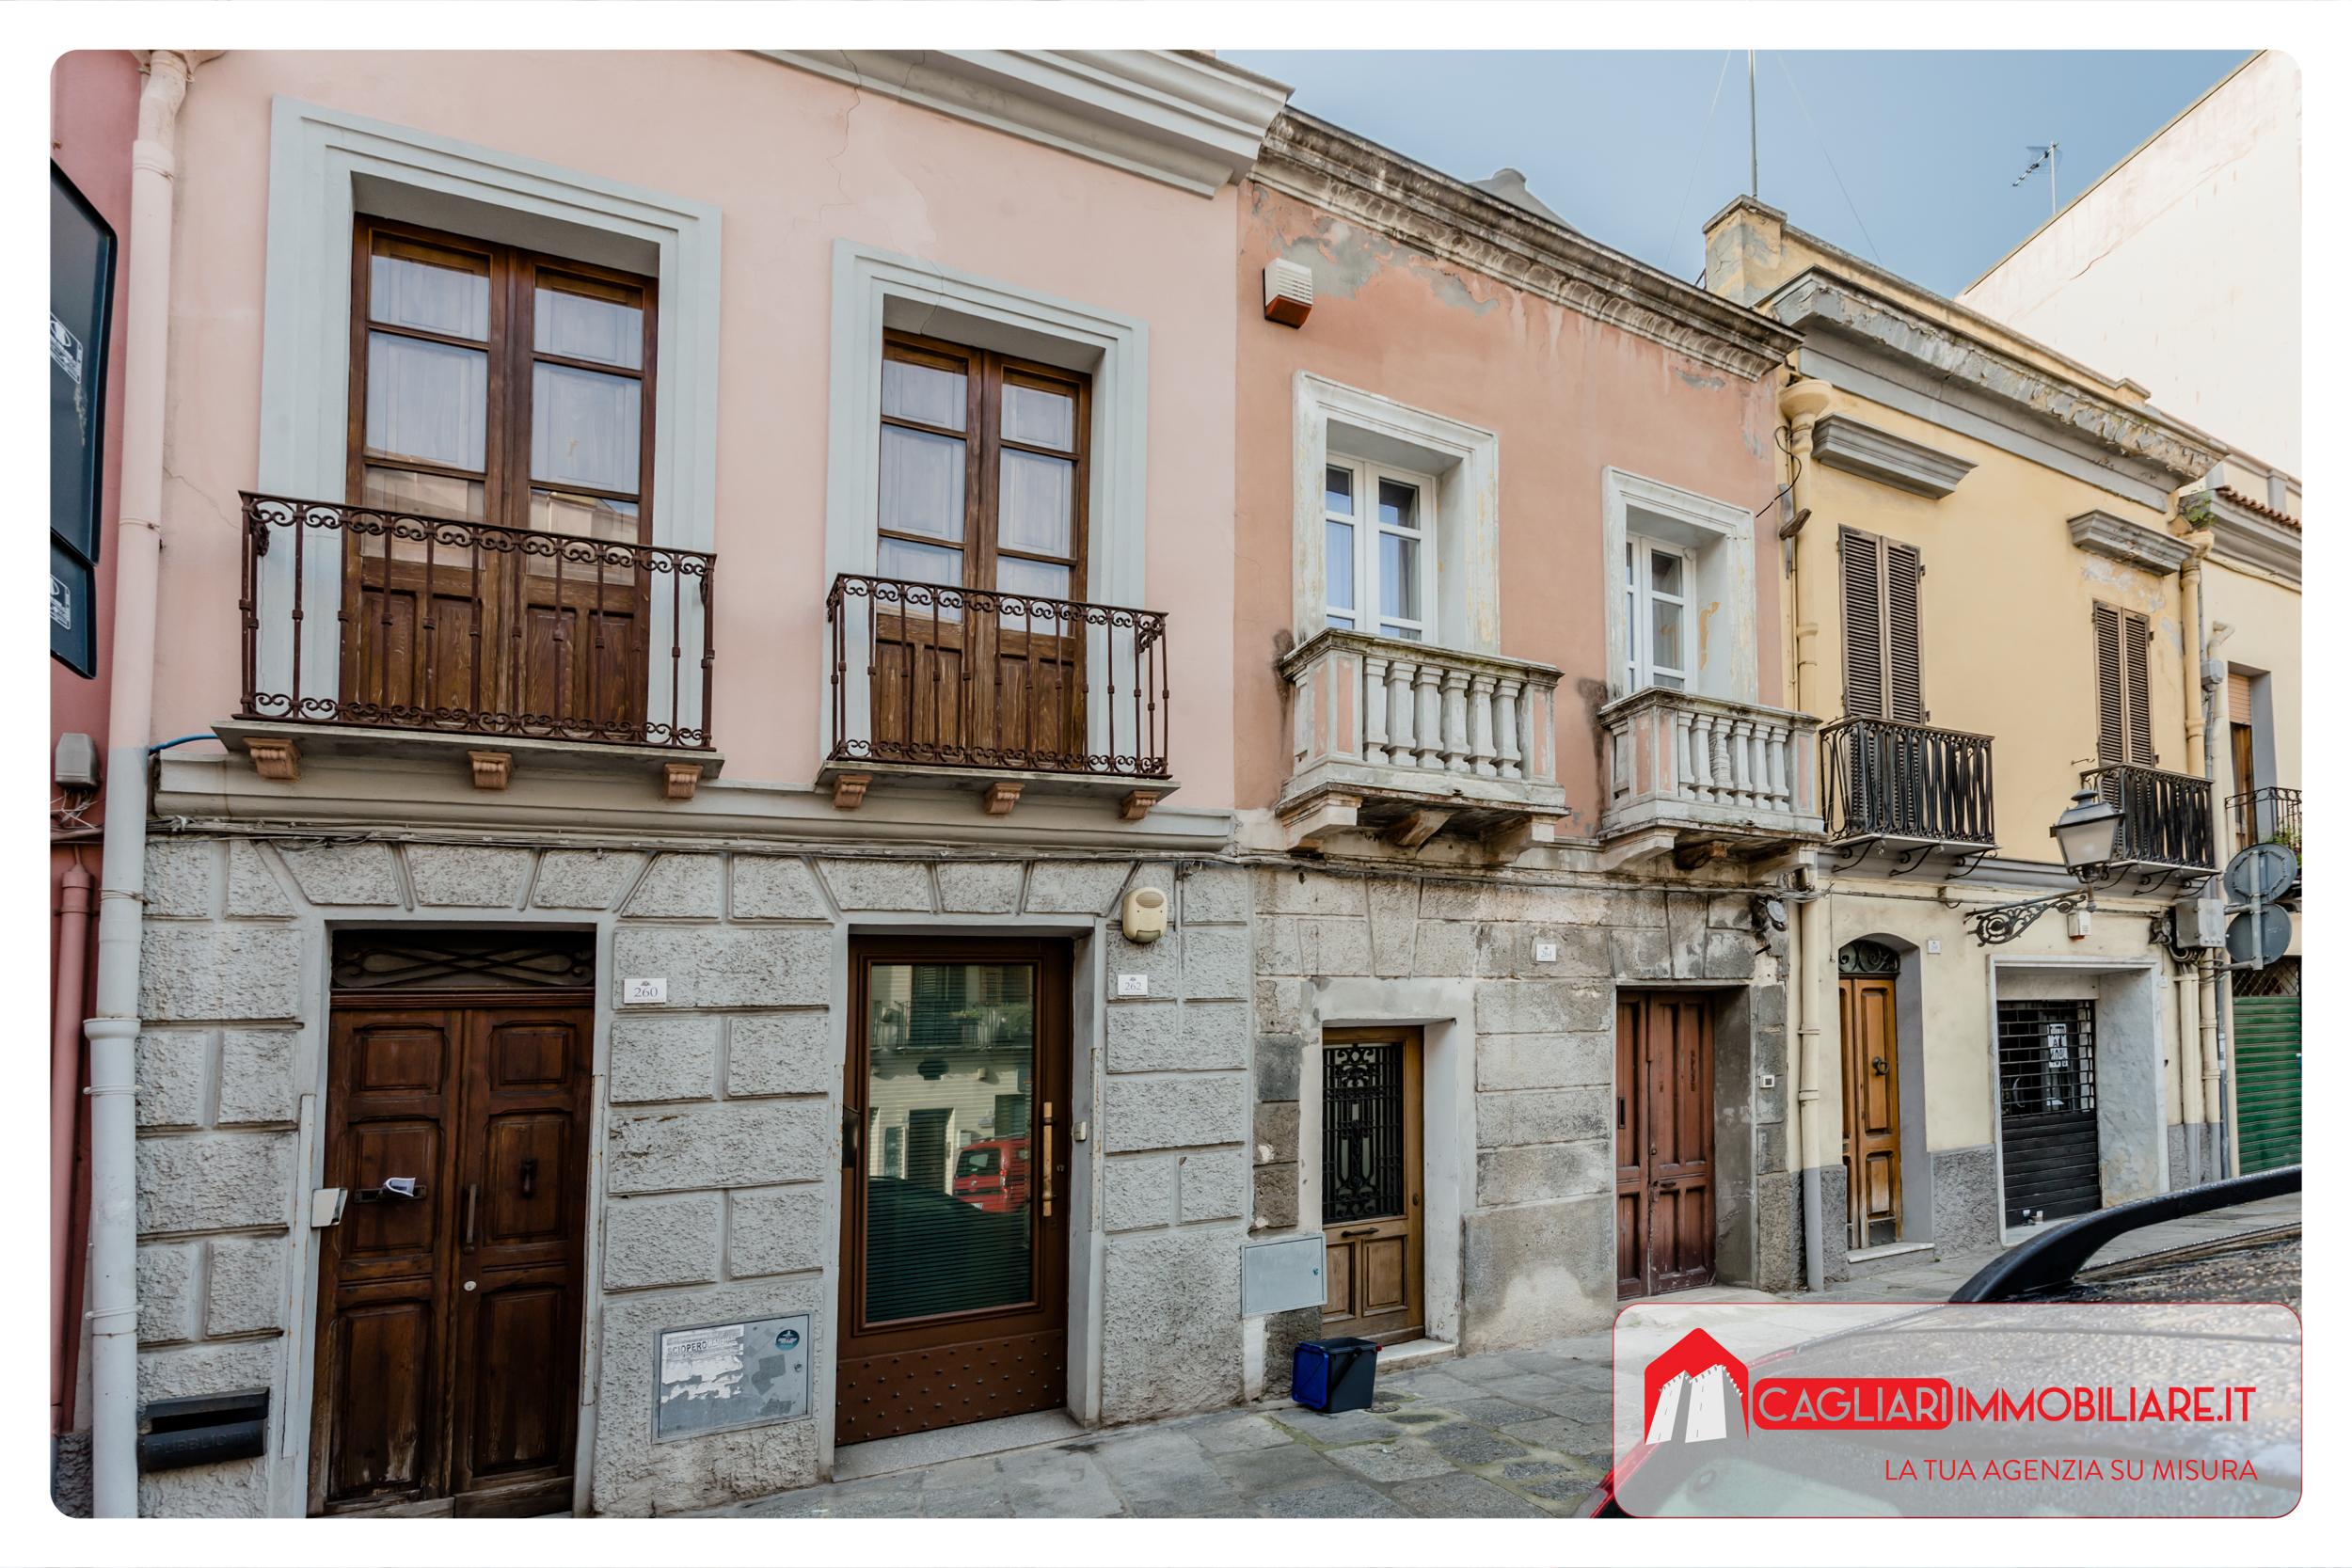 Locale commerciale con cortile Corso Vittorio Emanuele II